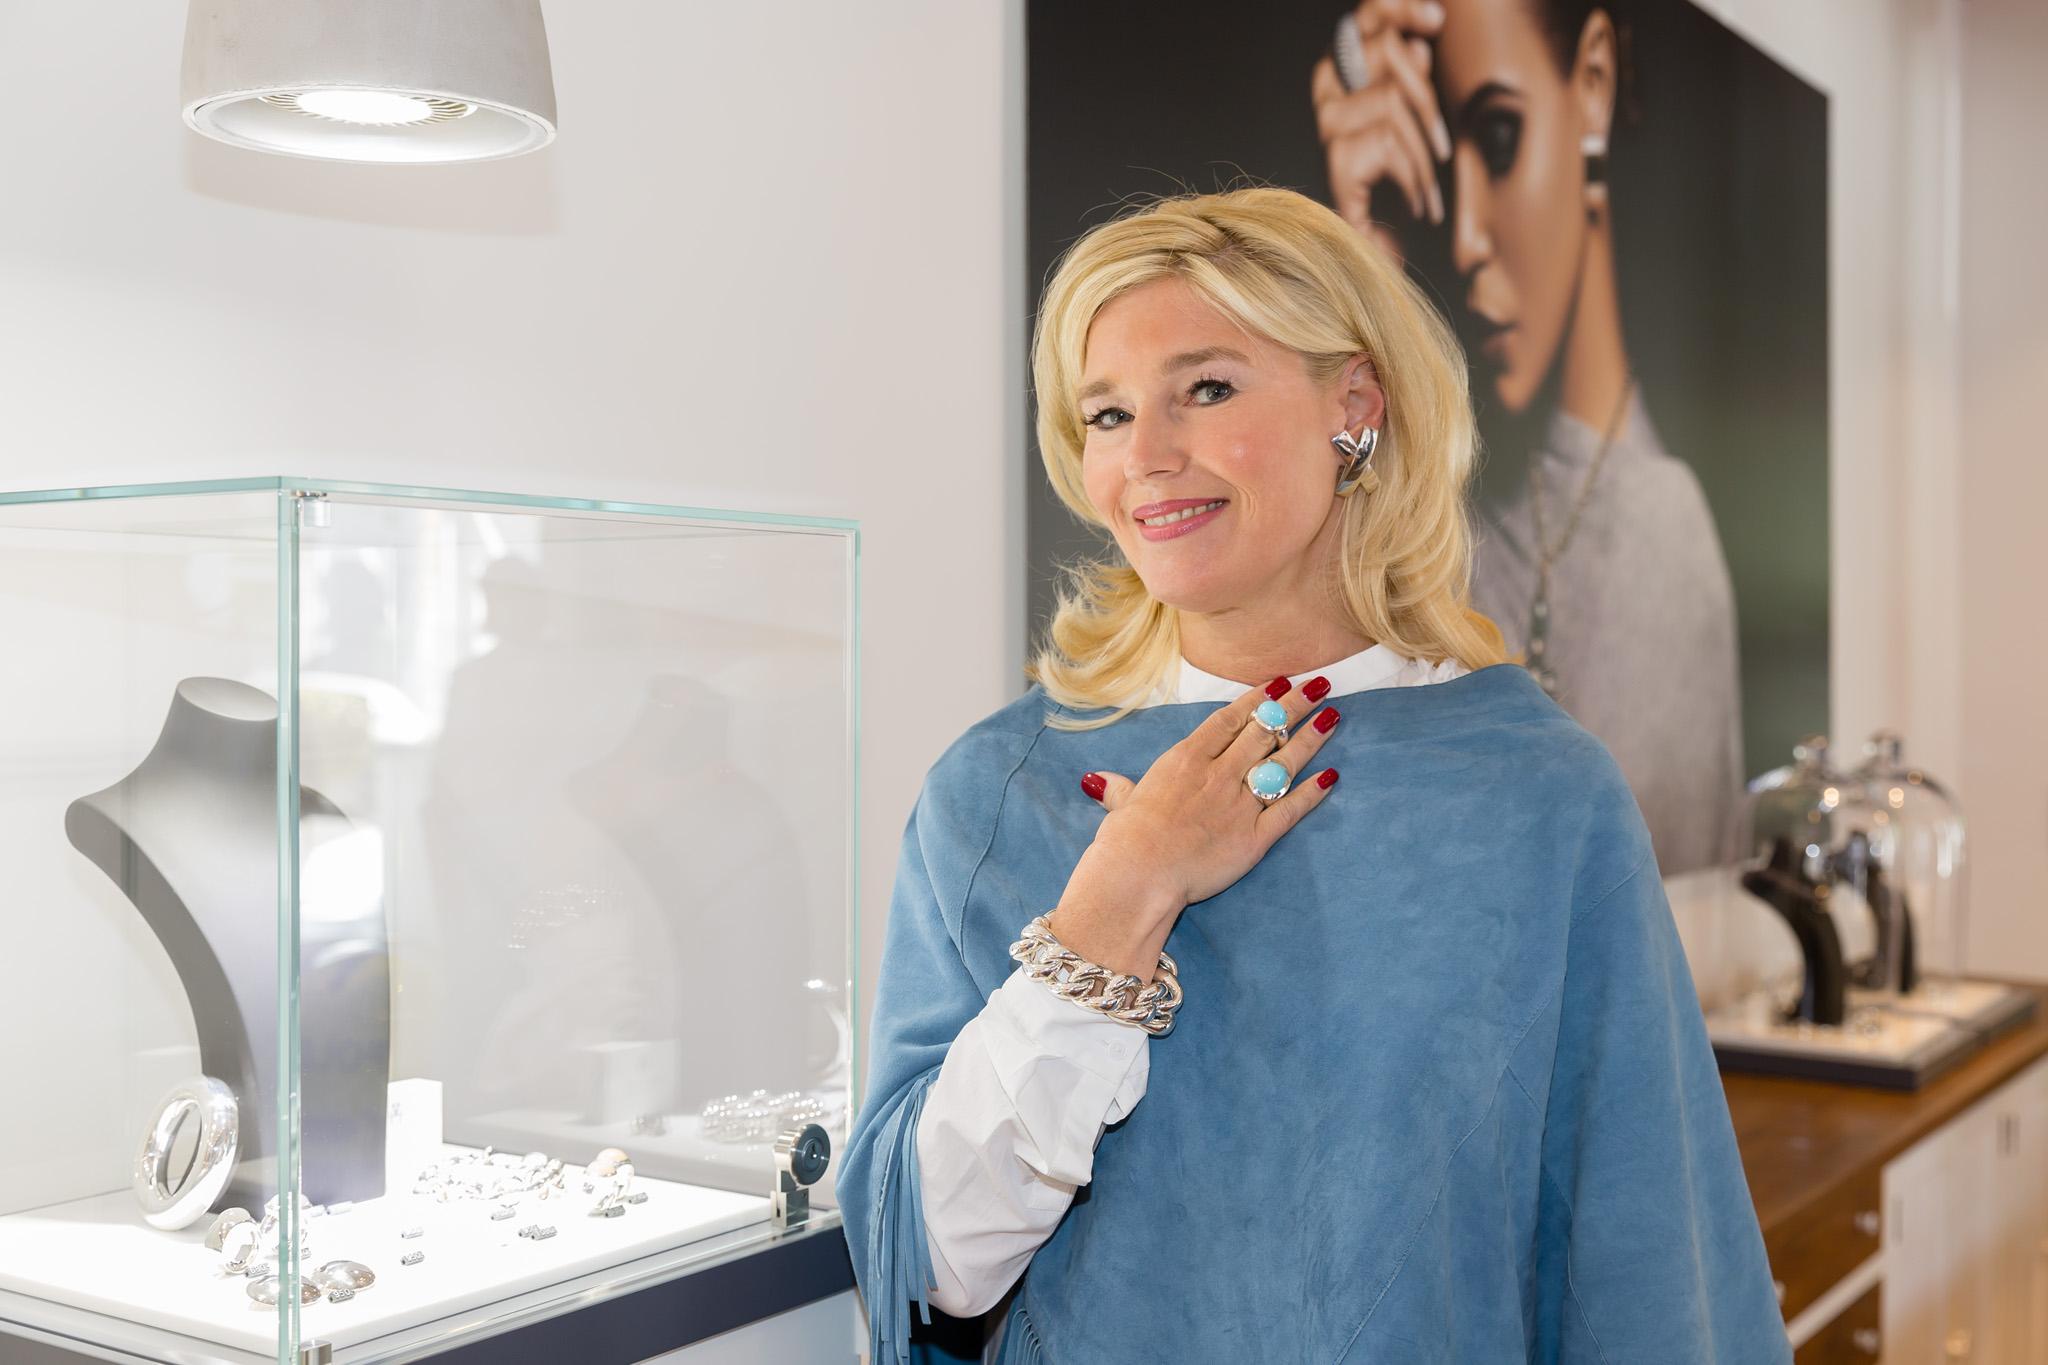 Silberschmuck mit türkis, Panzerarmband silber groß, Silberohrclips groß, toller Silberschmuck, Fashion-Blog, Lieblingsstil.com,